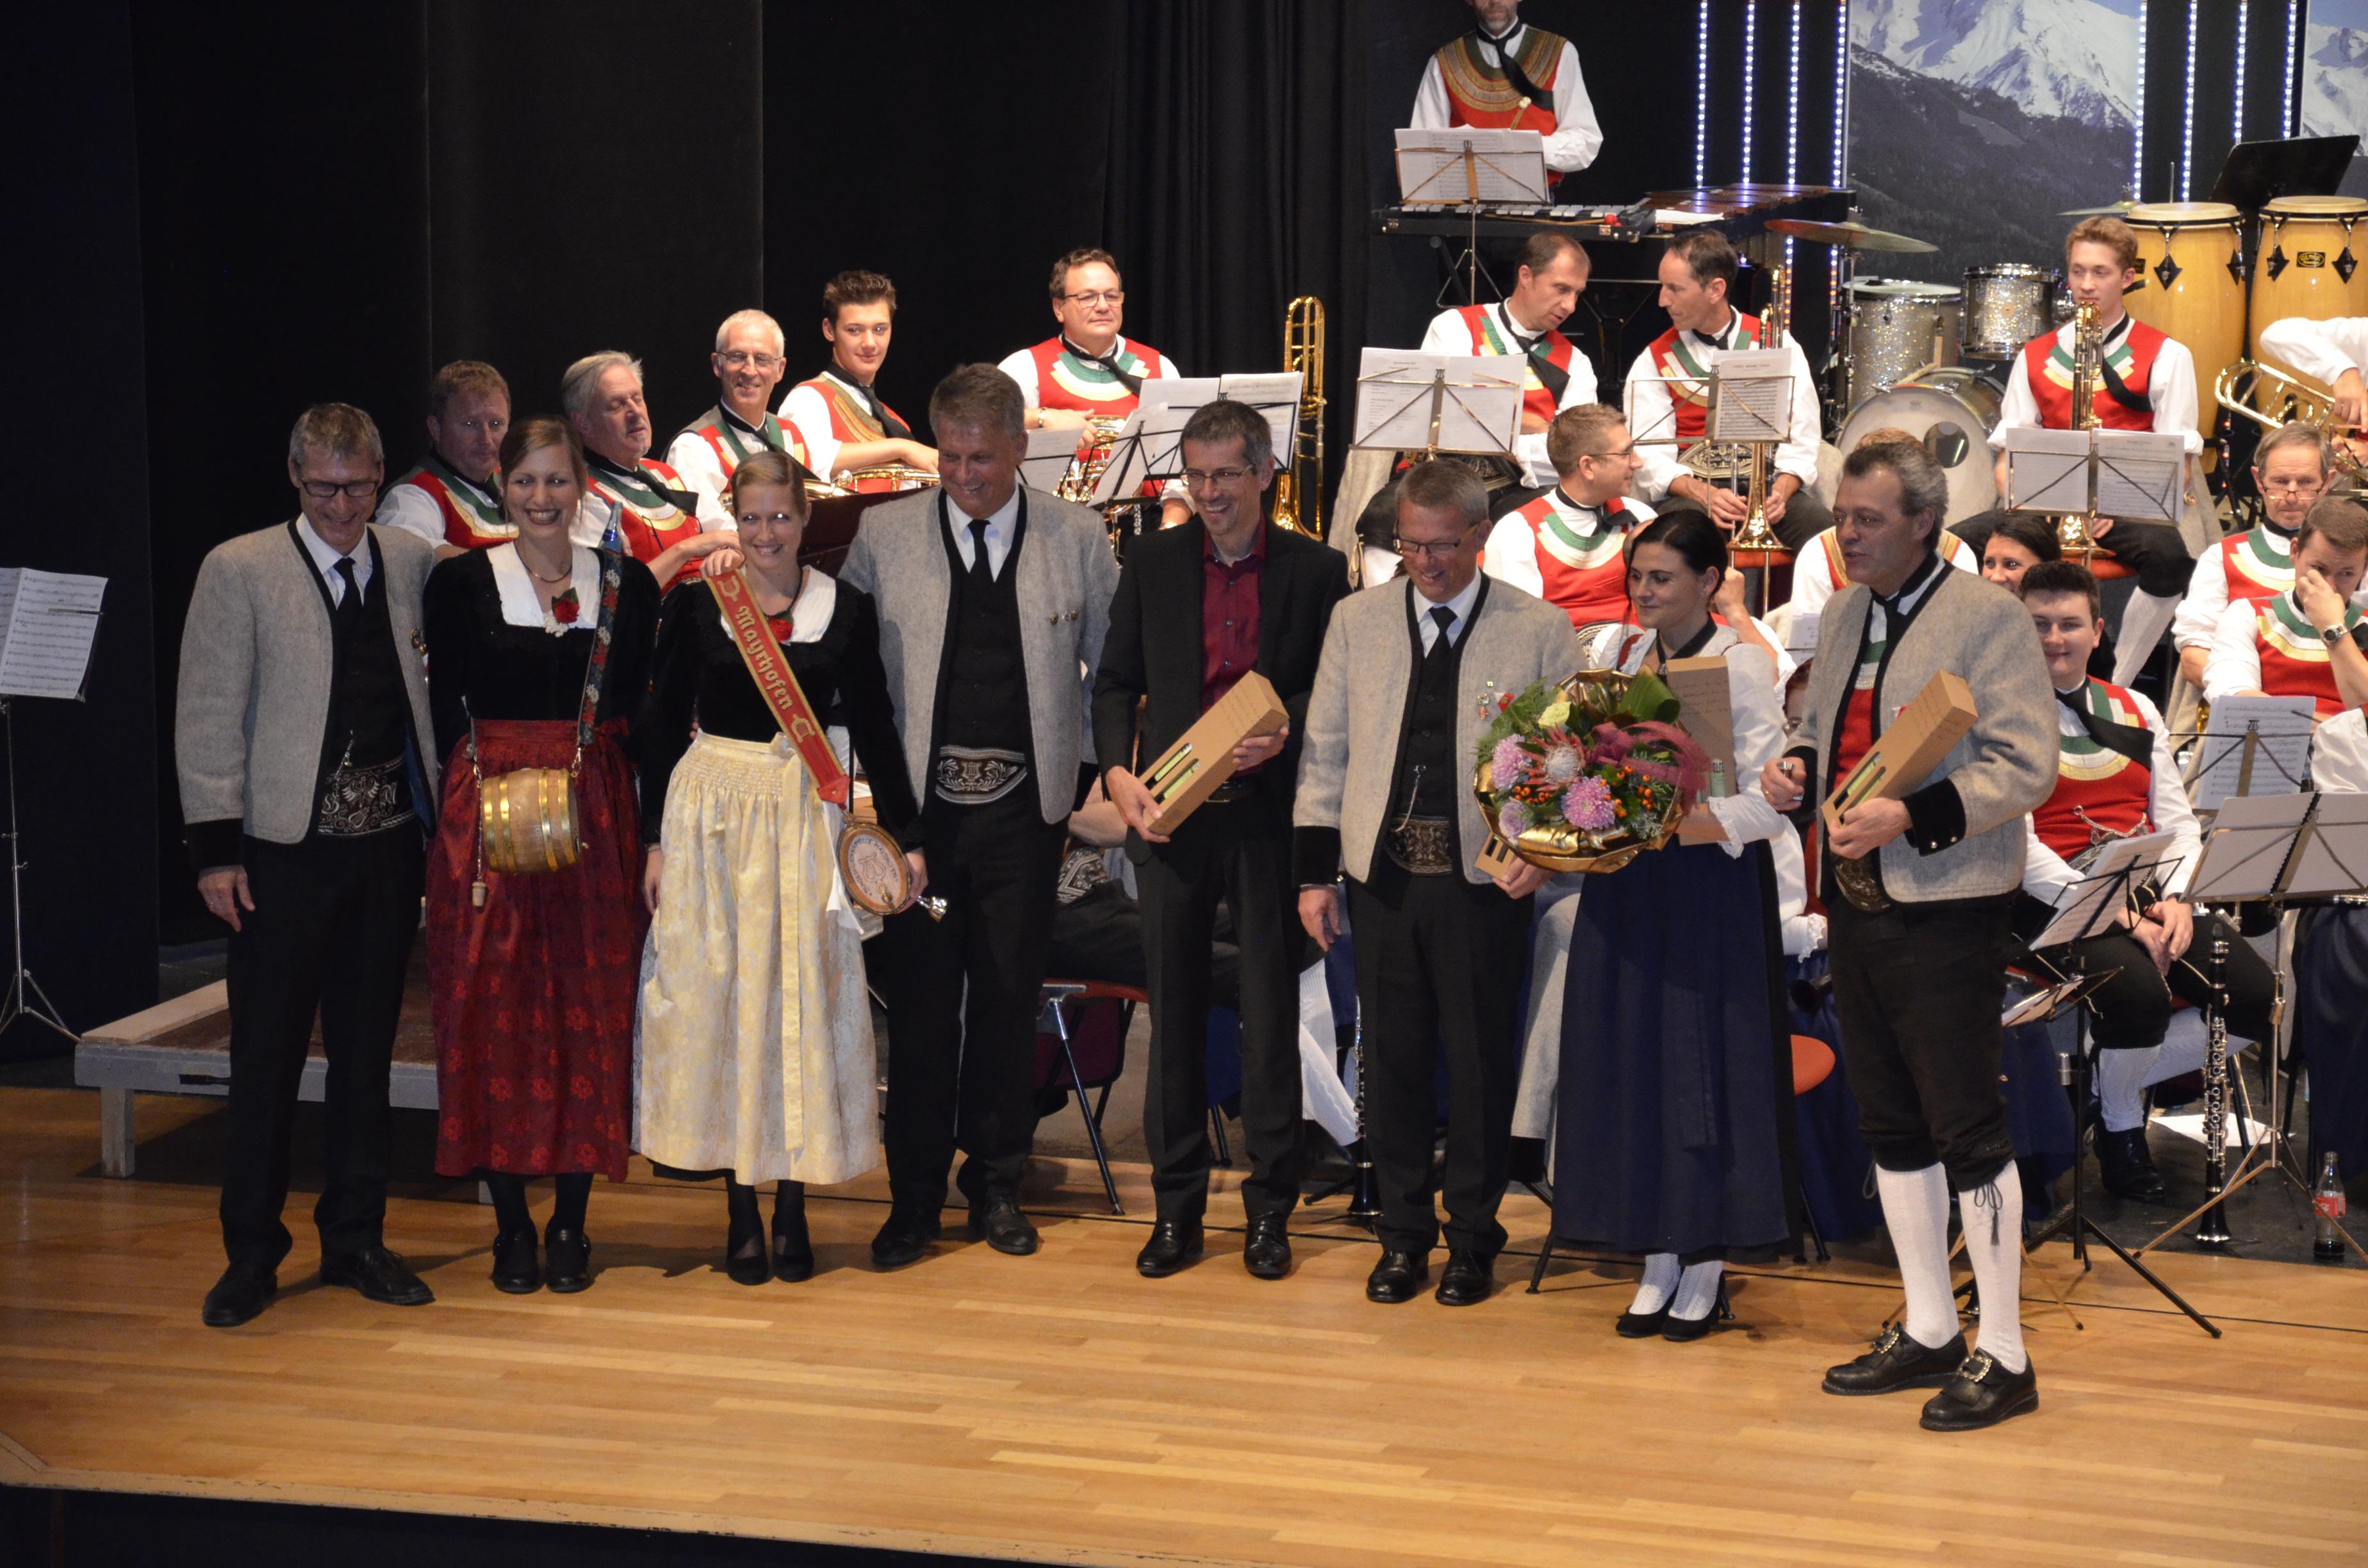 2019-10-26-BBO-Konzert-1